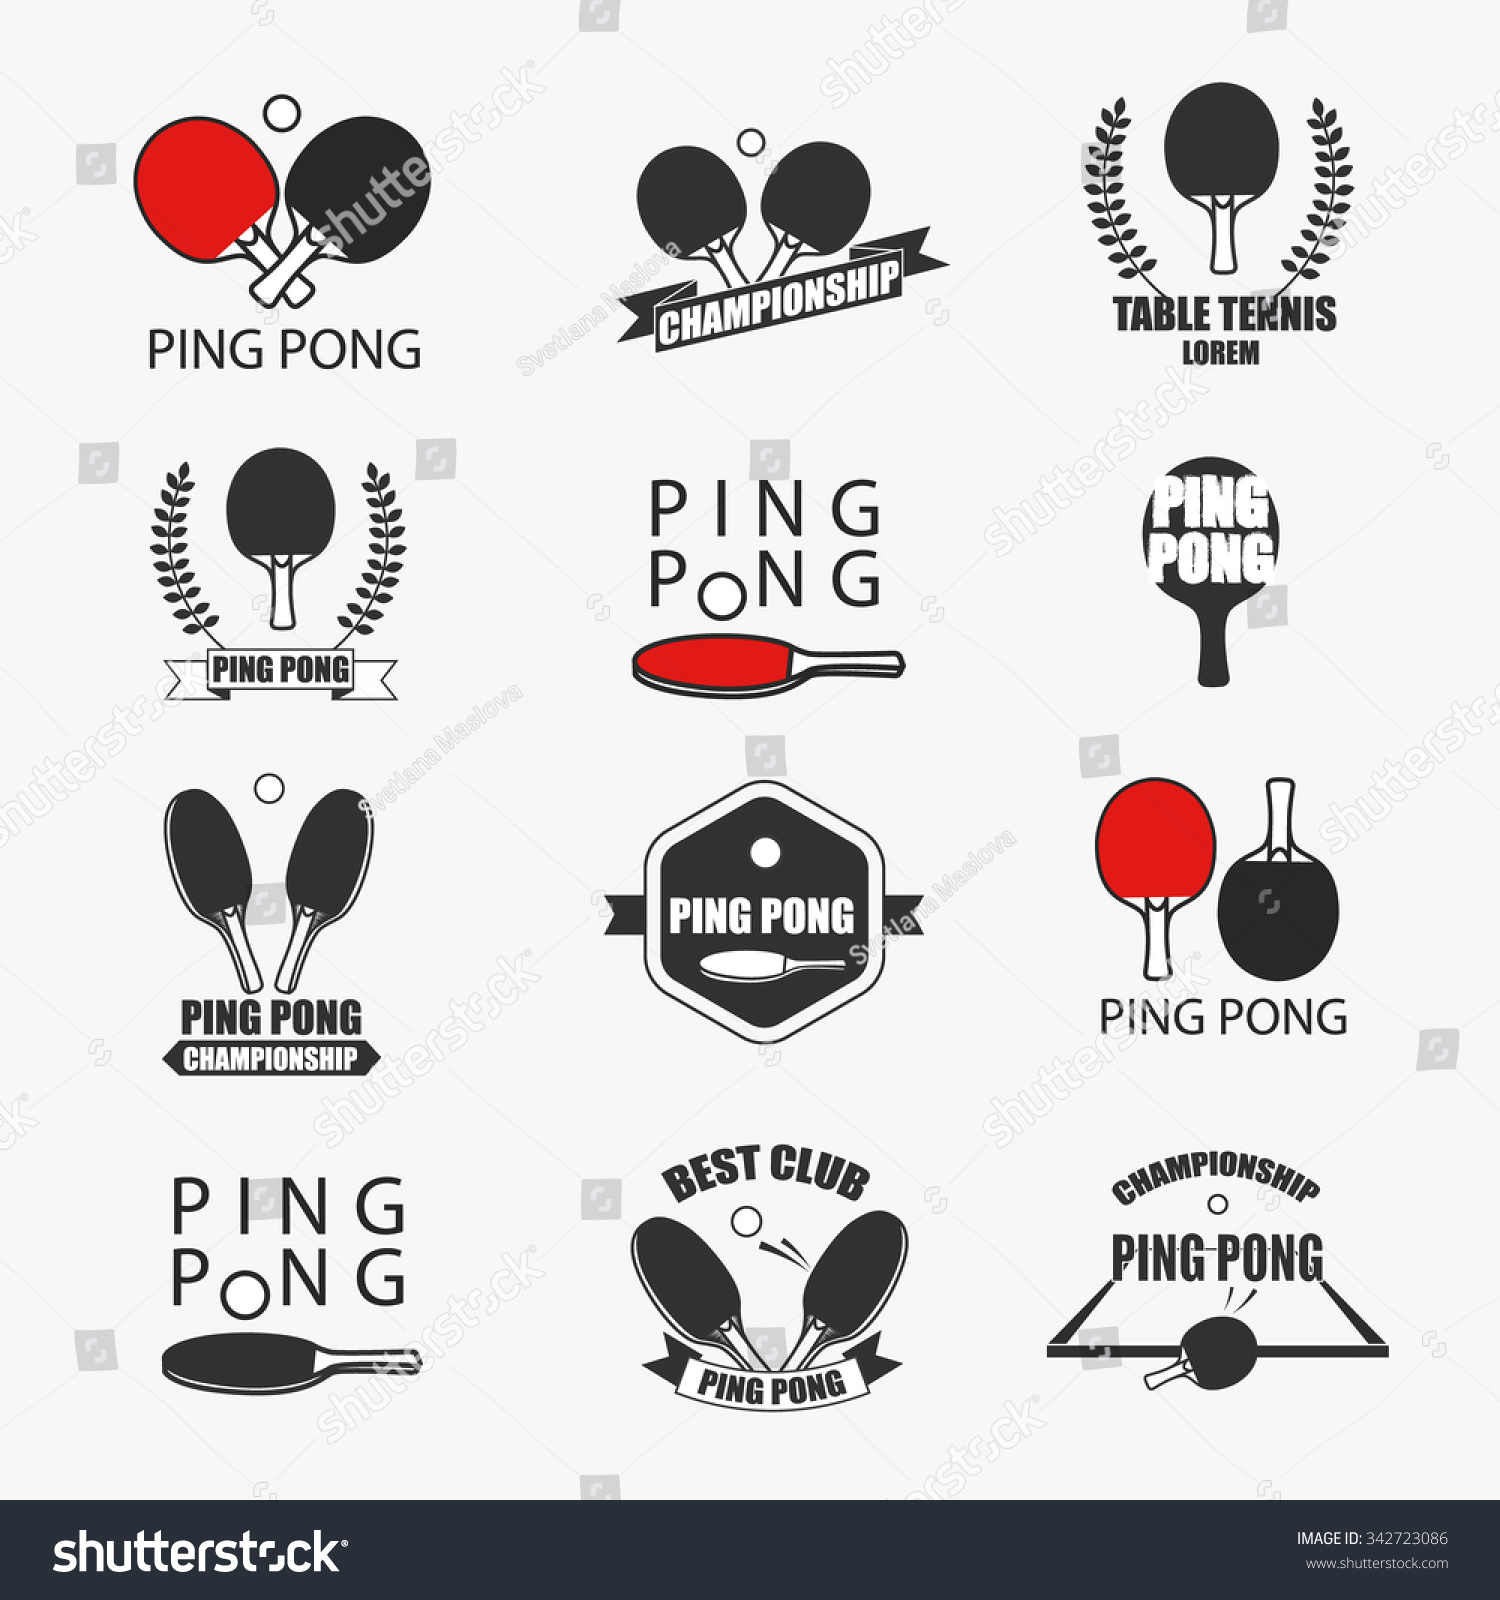 Table tennis logo vector